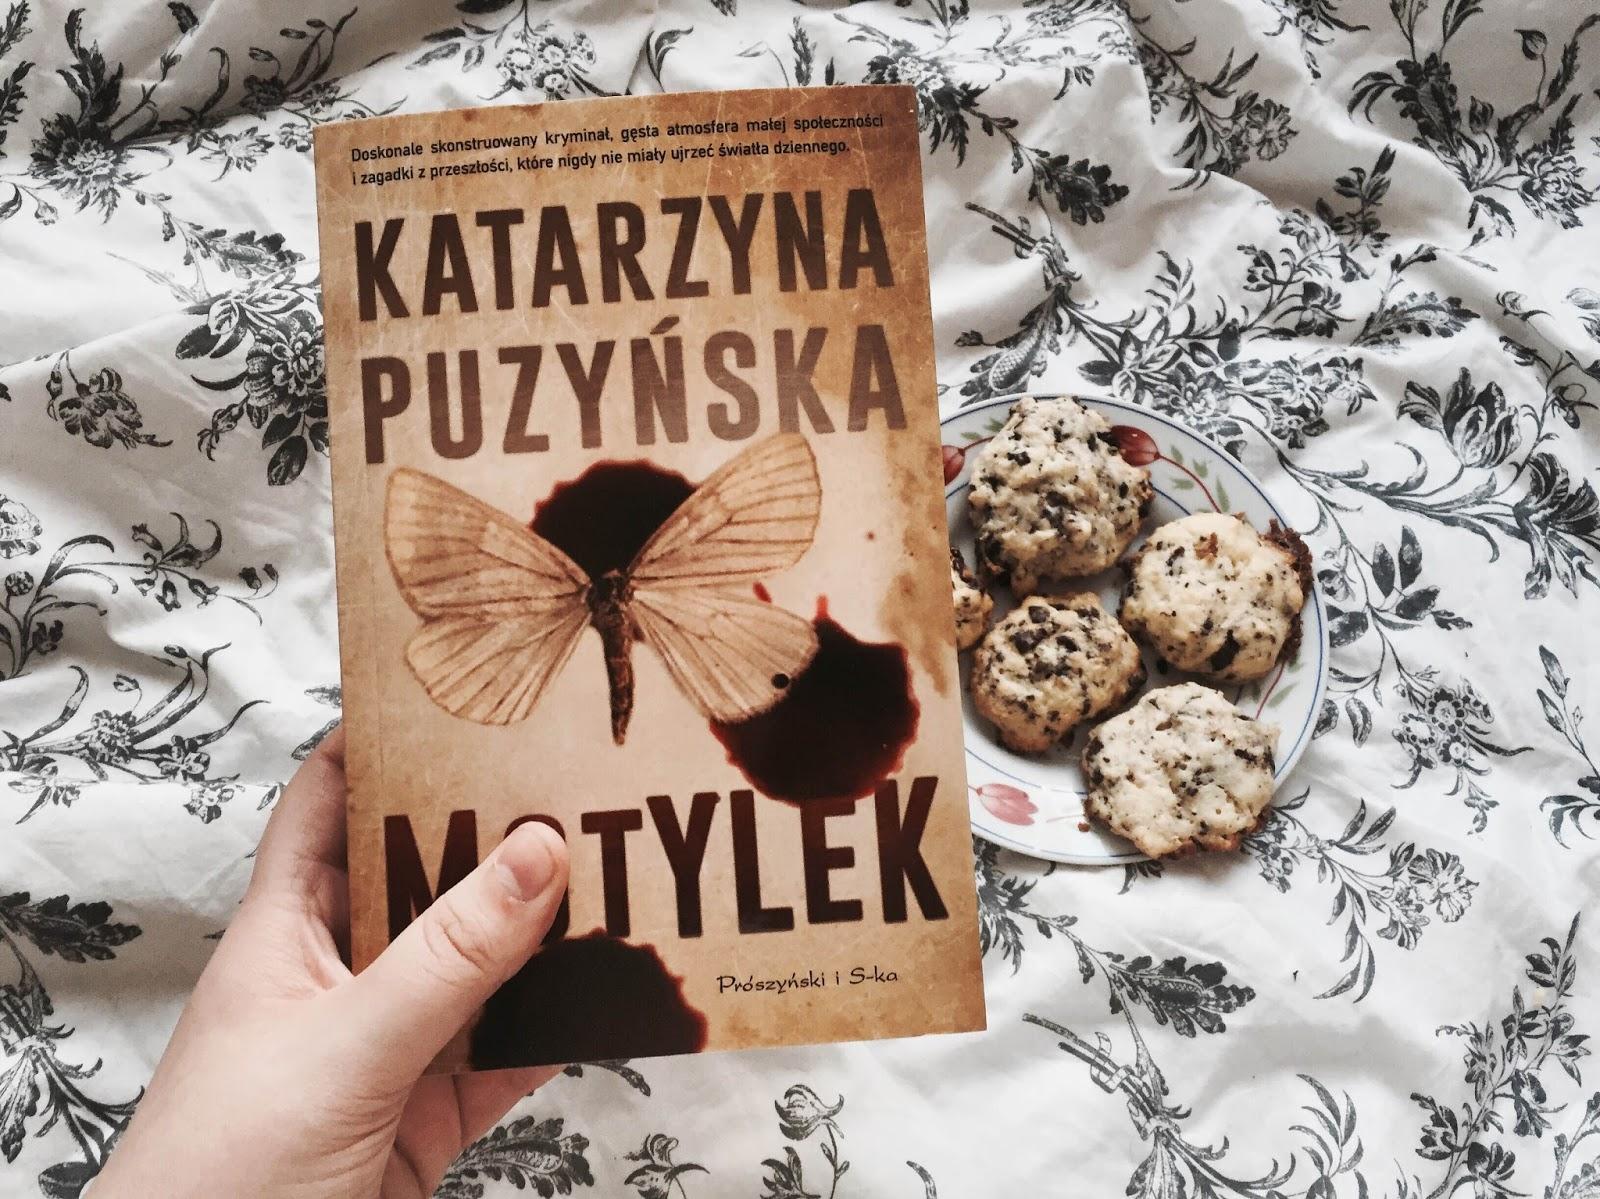 Motylek, Katarzyna Puzyńska